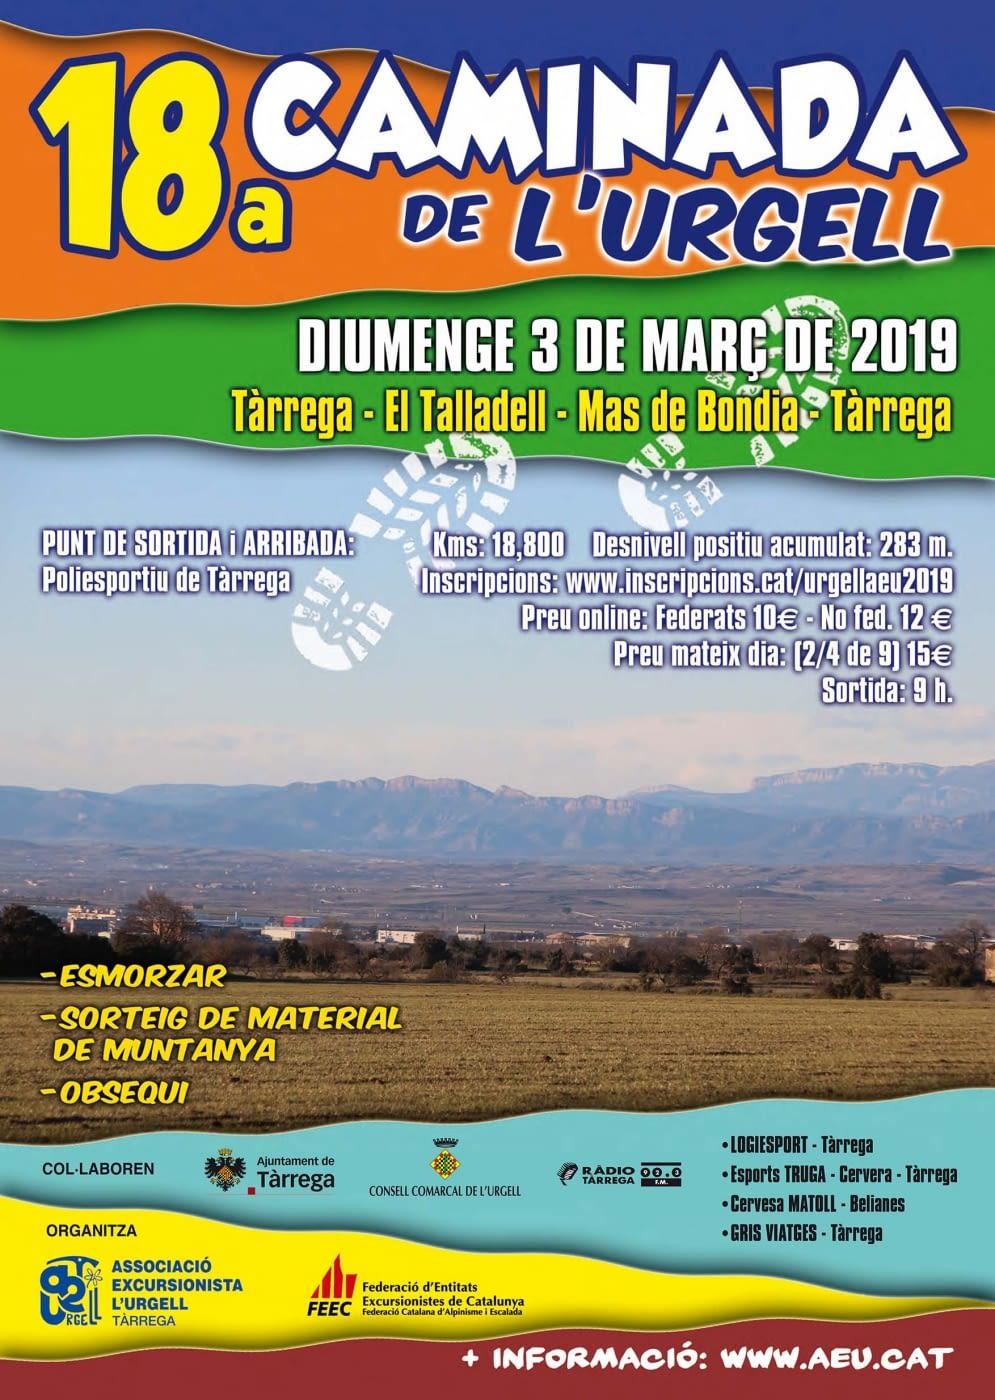 Galeria de fotos de la Caminada de l'Urgell 2019